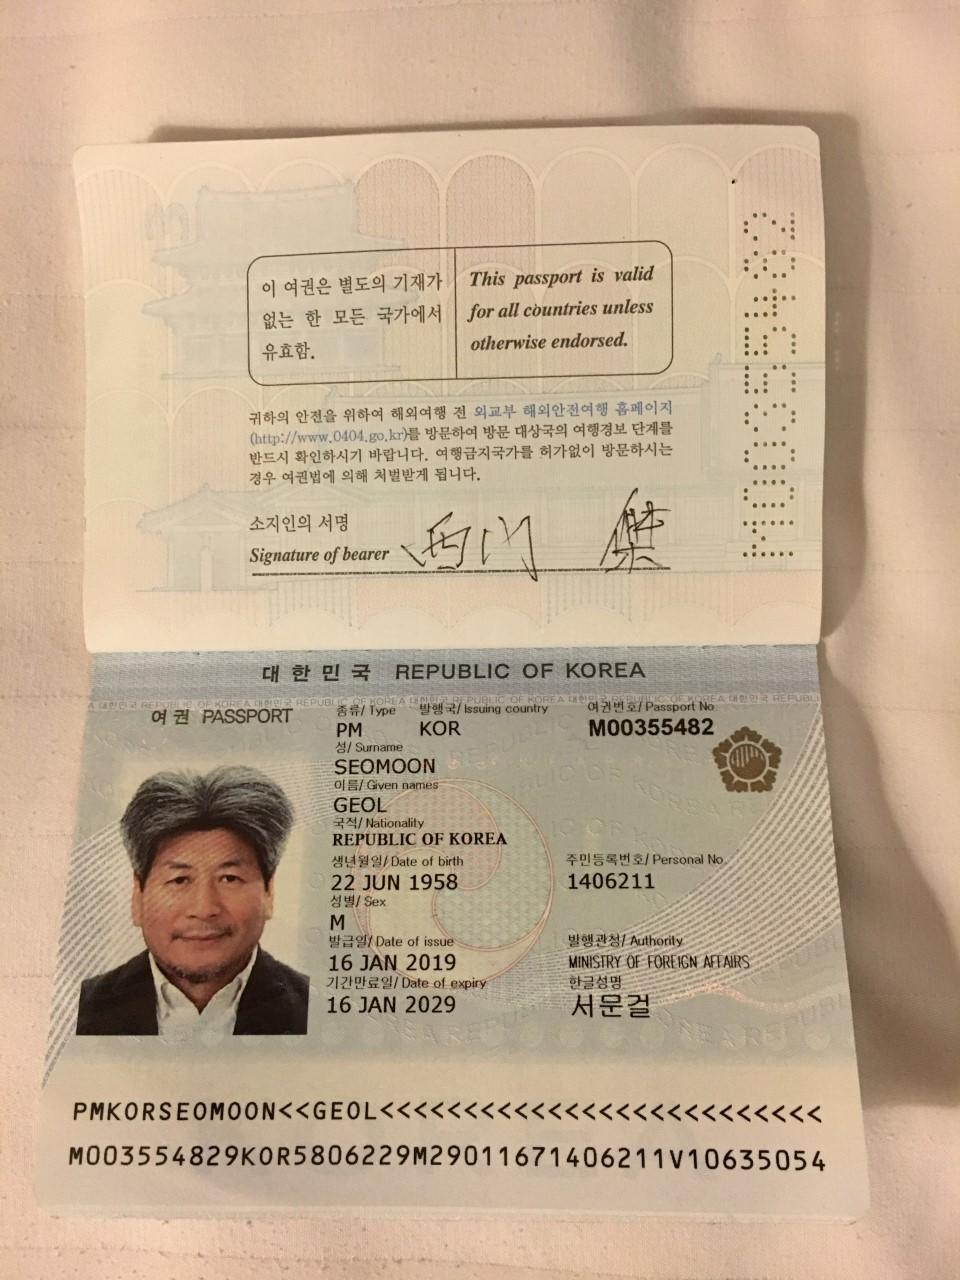 Pin By Imranmakkal On عبدالله العبدالله Passport Online Aadhar Card Passport Template